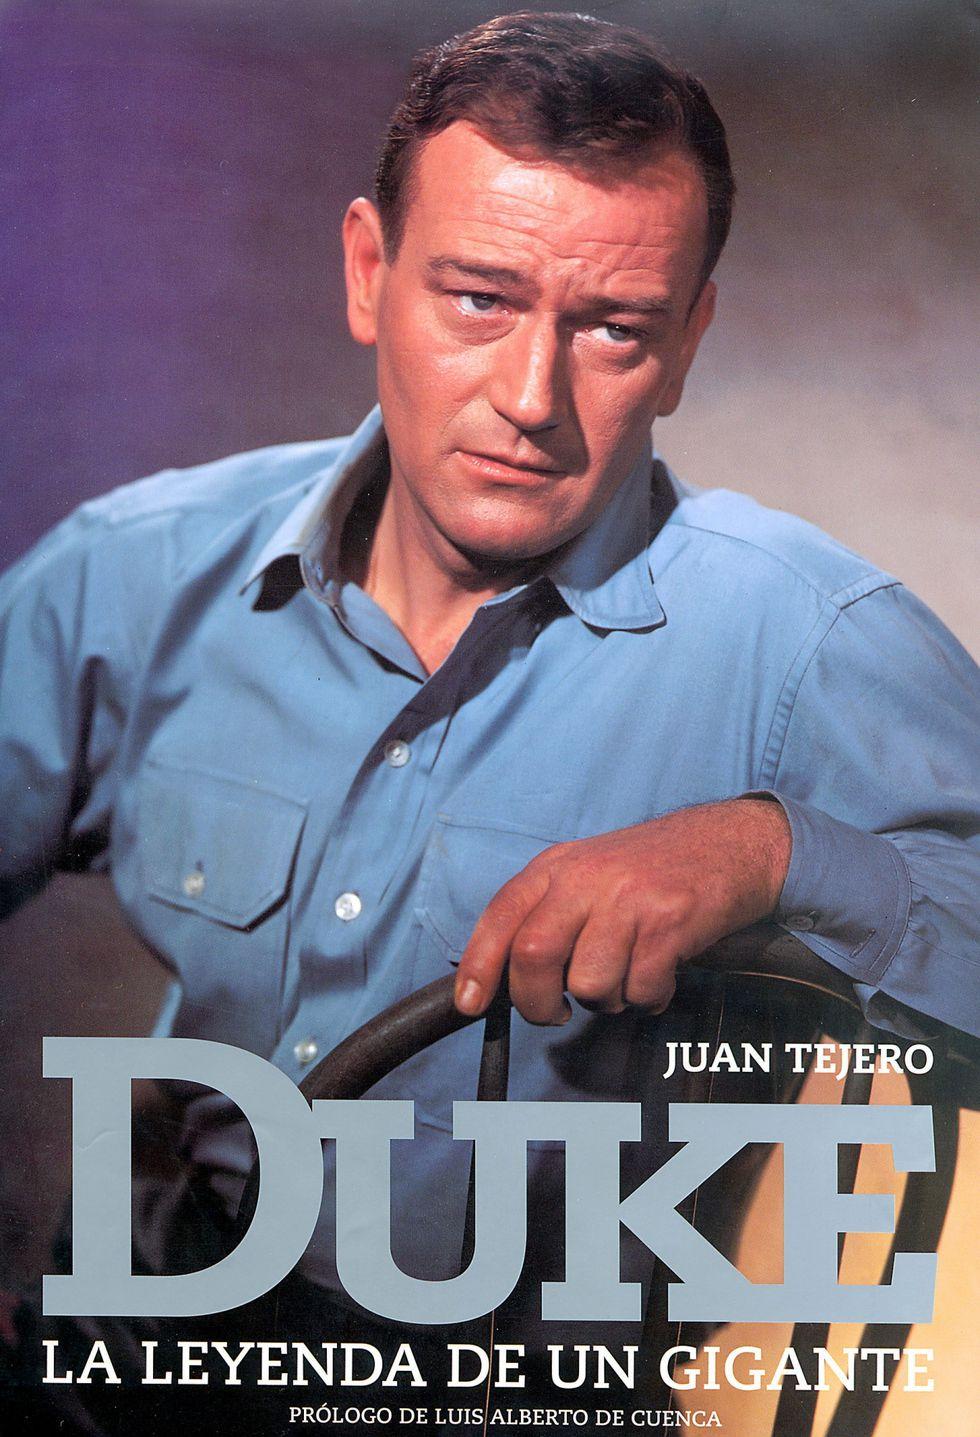 Veinte años después de su muerte, John Wayne sigue siendo uno de los grandes mitos masculinos del cine y uno de los actores preferidos por el público. (EFE)